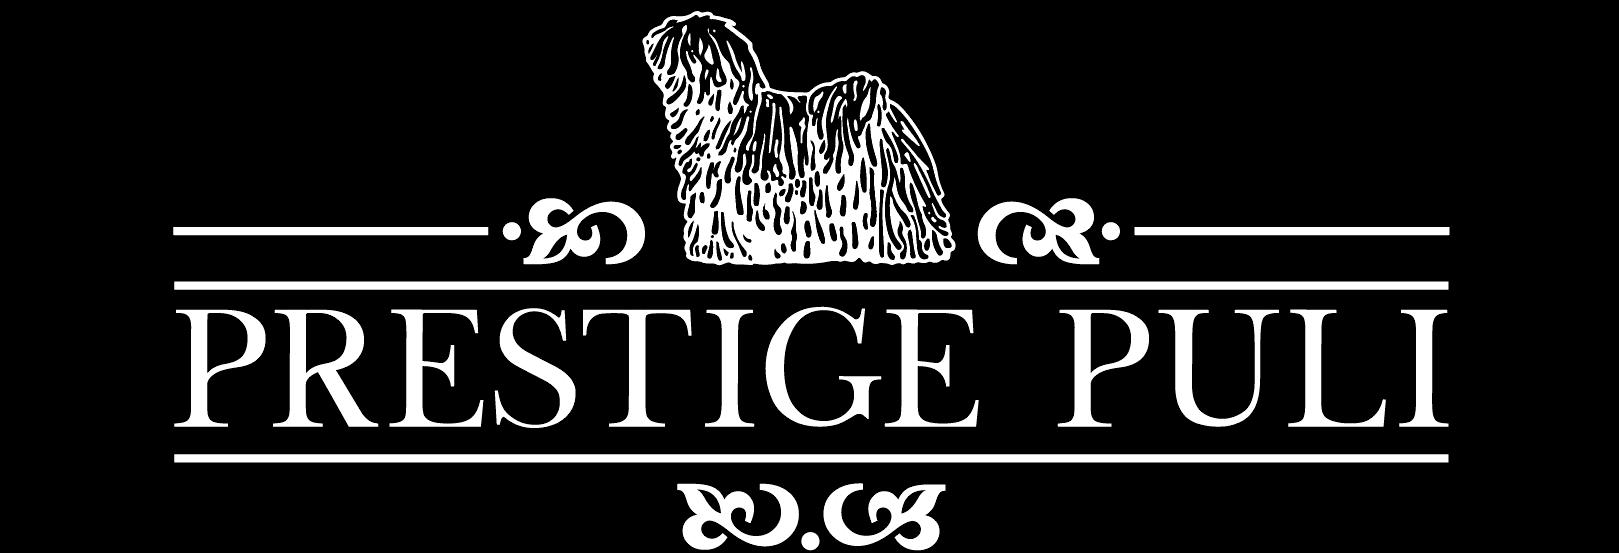 Prestige Puli